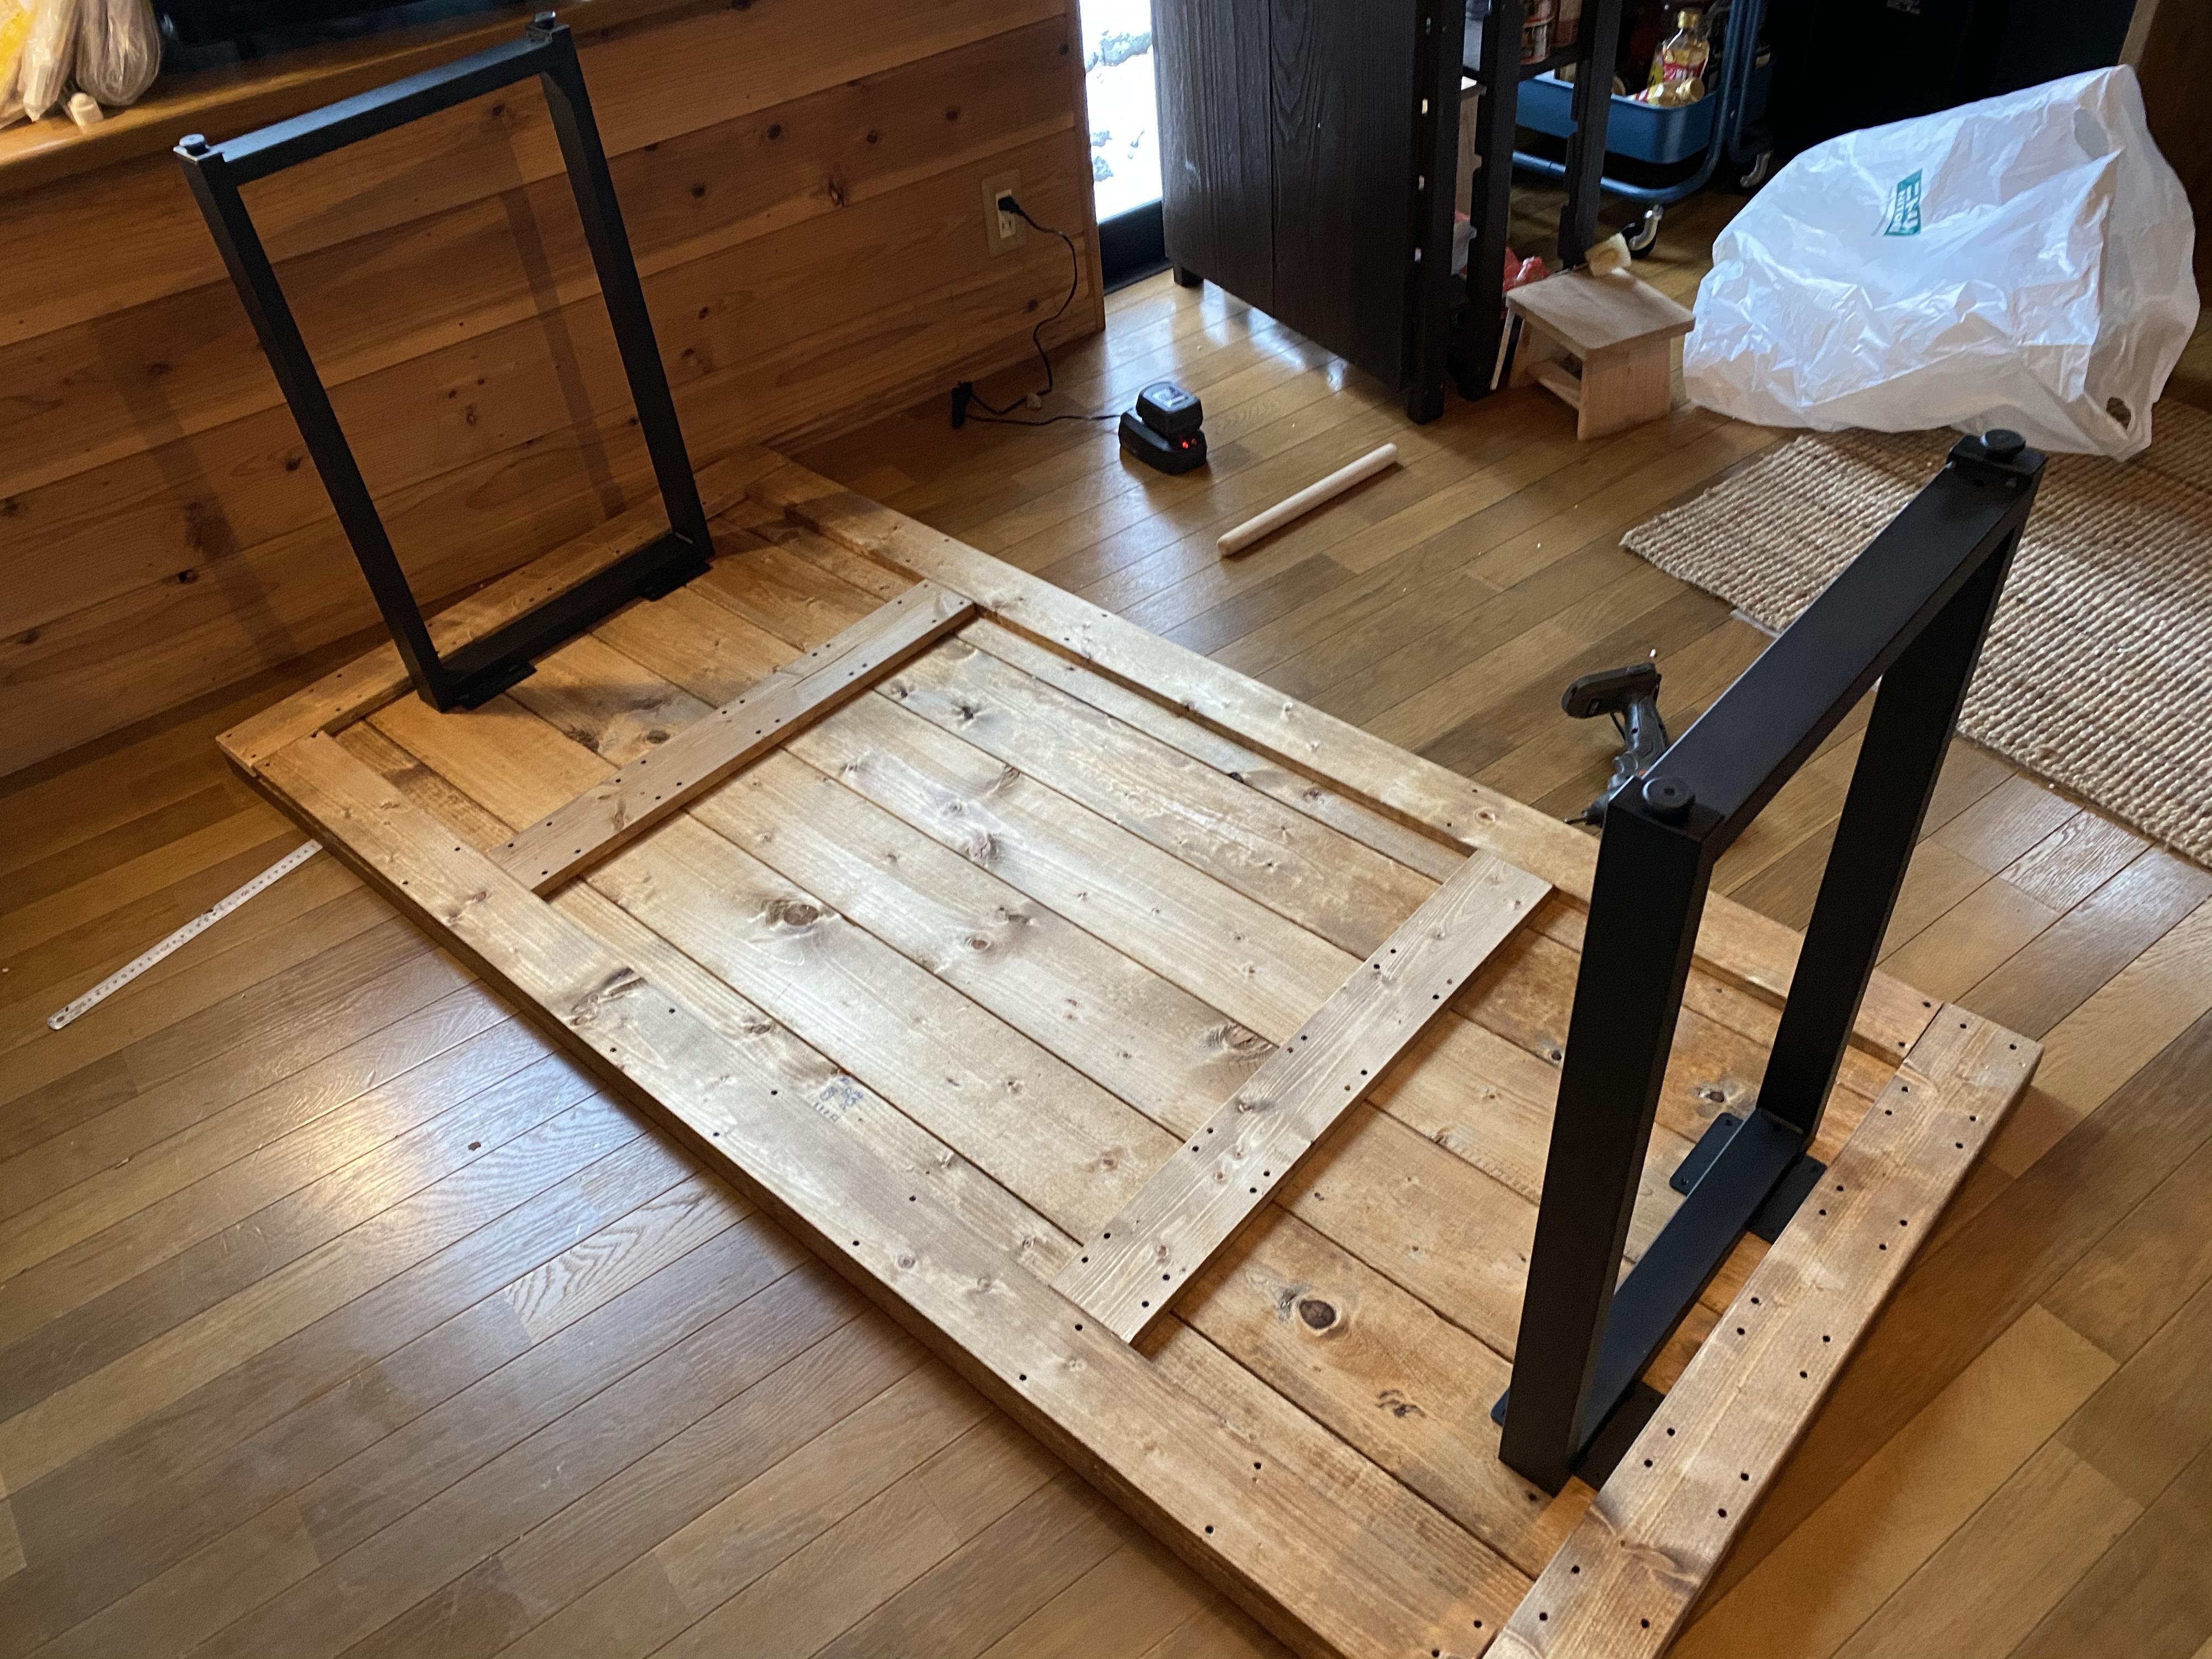 ブルックリン風の家具を作成